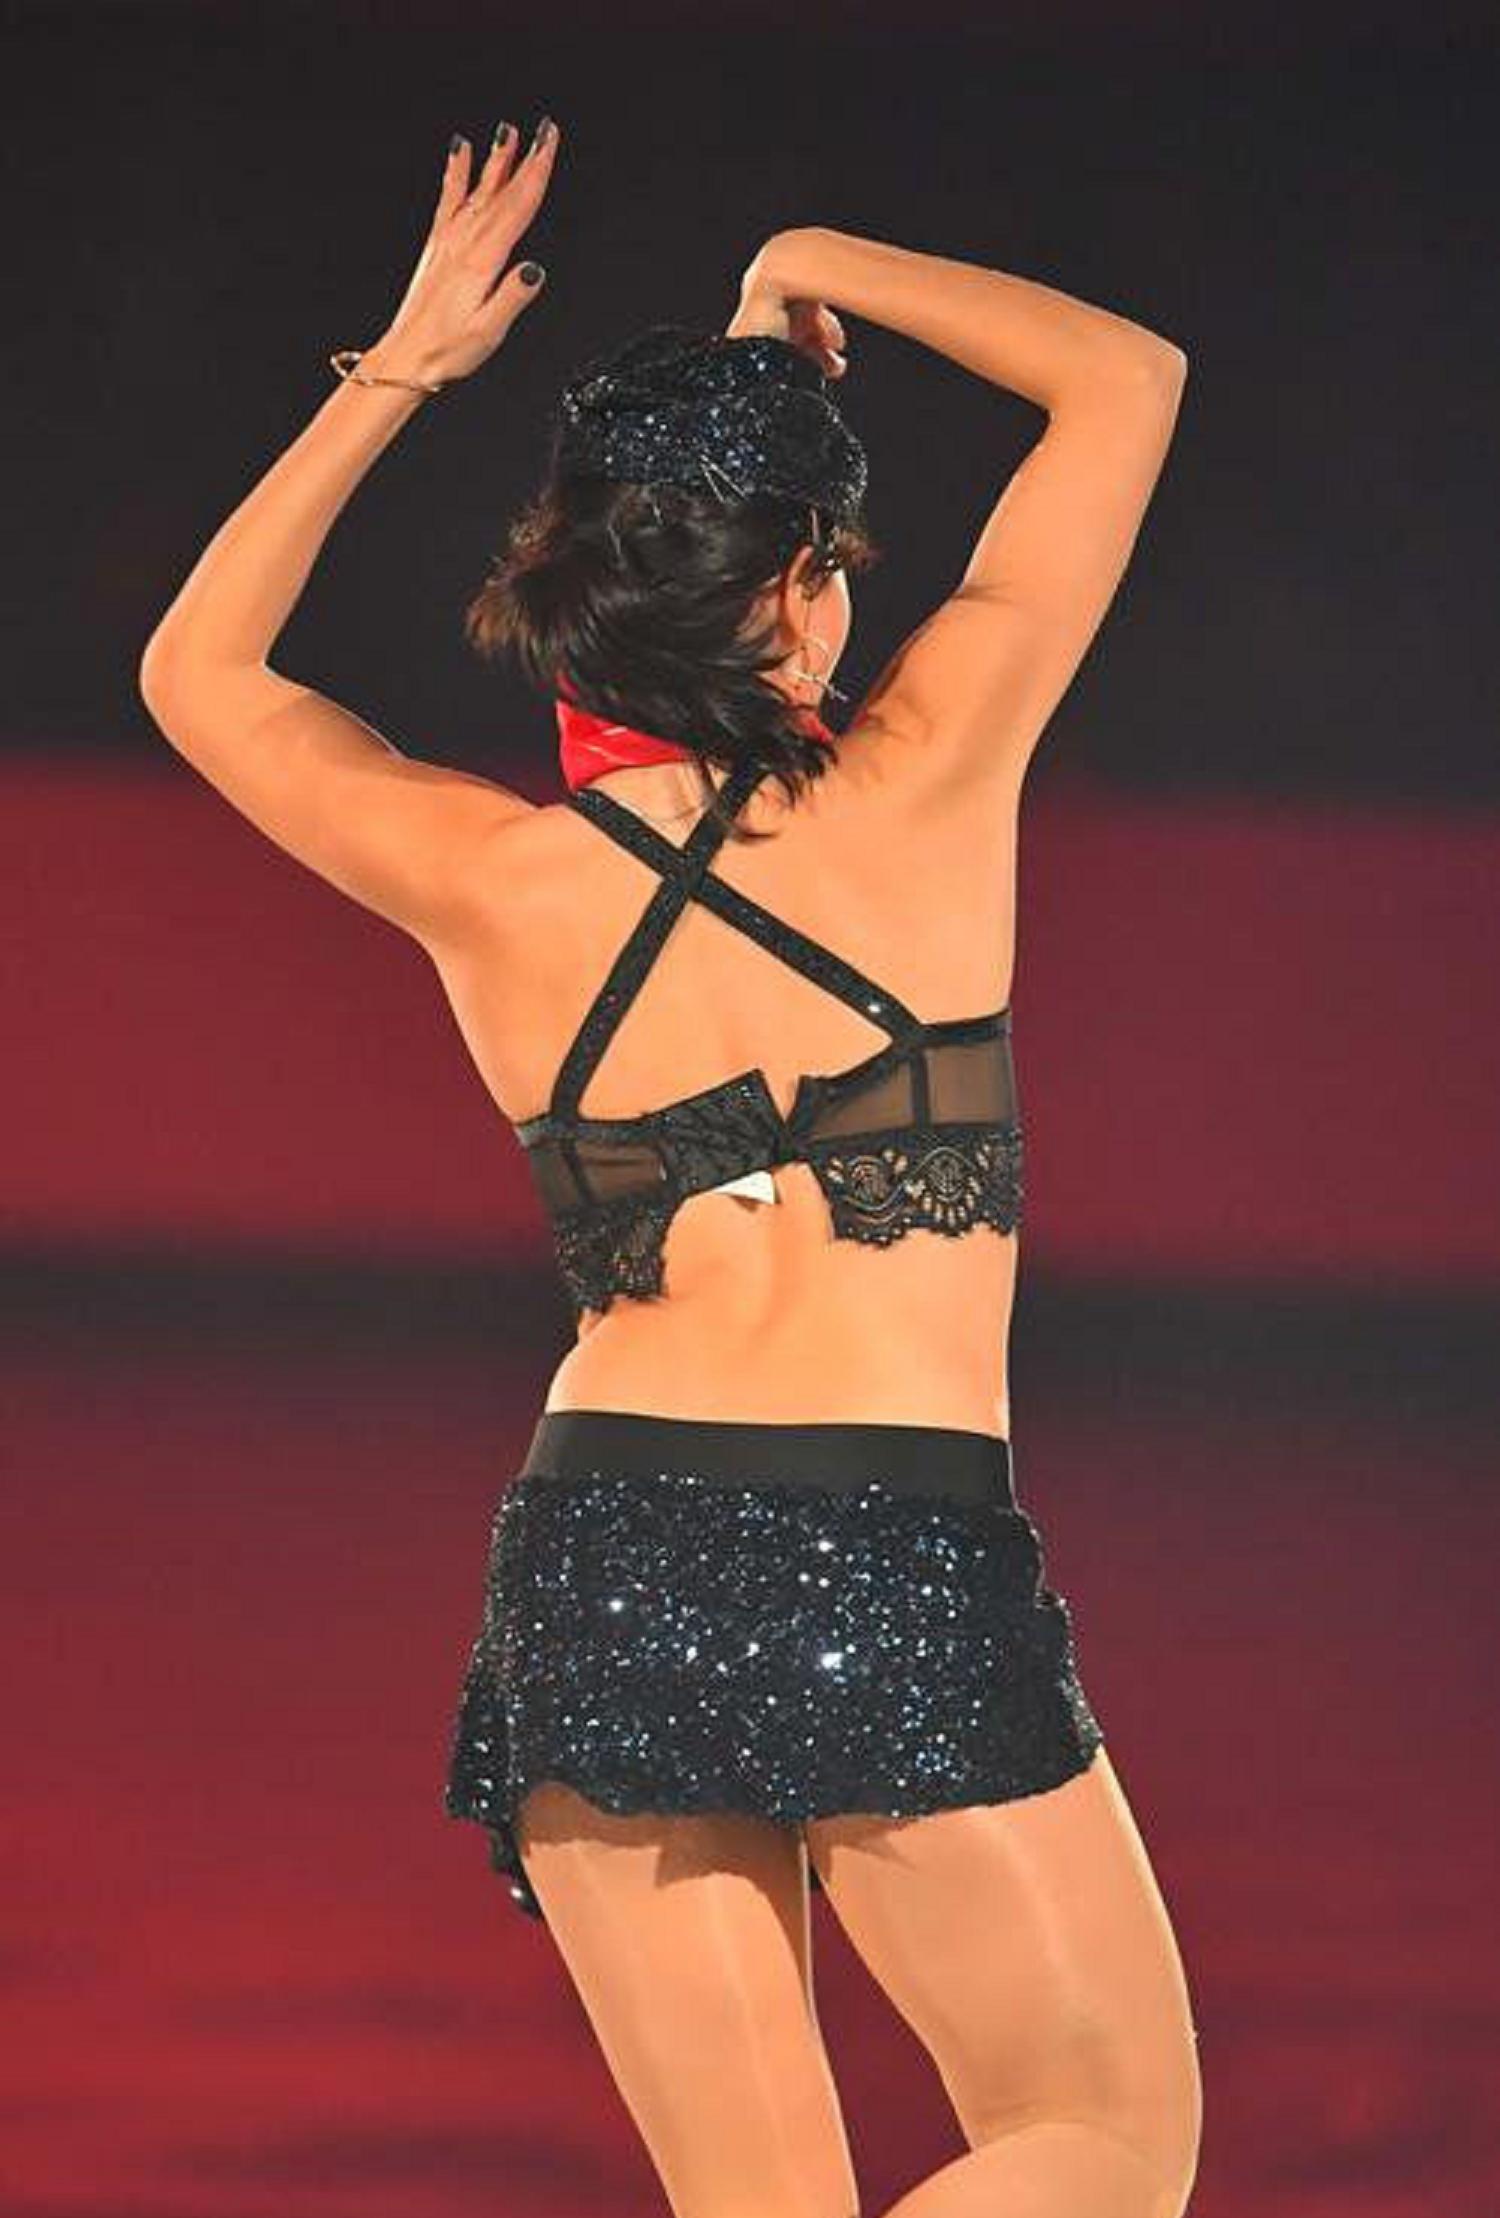 俄花樣滑冰運動員講述在日本上演了「脫衣舞」的尷尬